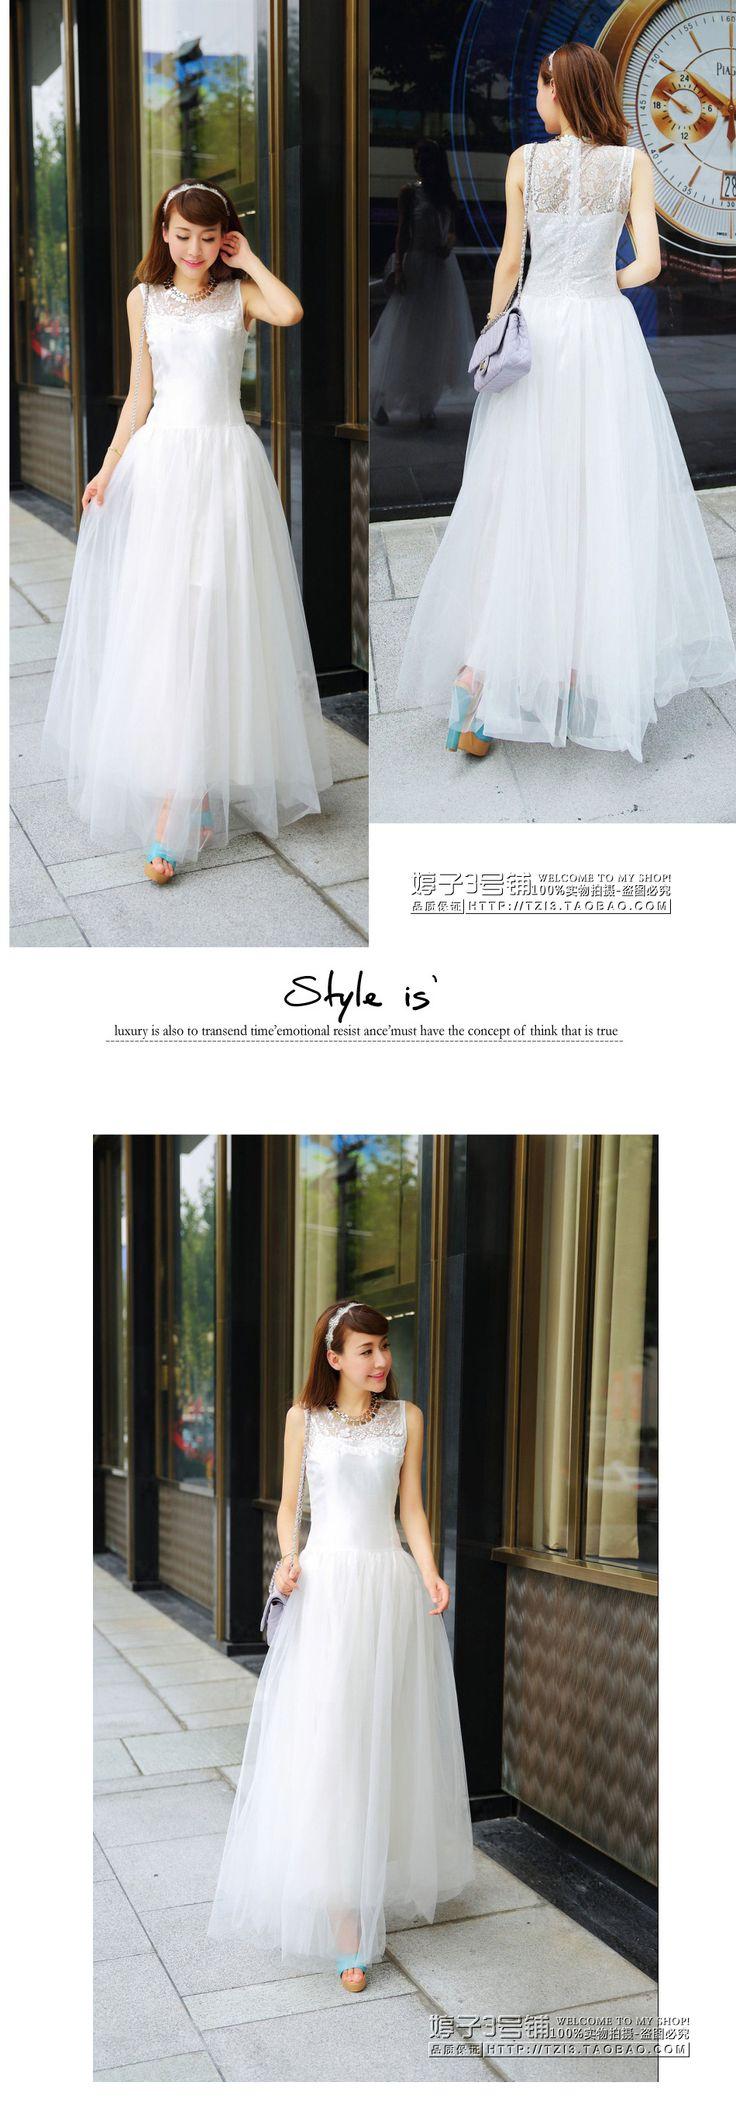 Aliexpress.com: Acheter Fée 2014 bohème dentelle bouffée expansion robe pleine de gaze fond patchwork robe d'une seule pièce de robe de mariée en dentelle veste fiables fournisseurs sur Lejiafushi.